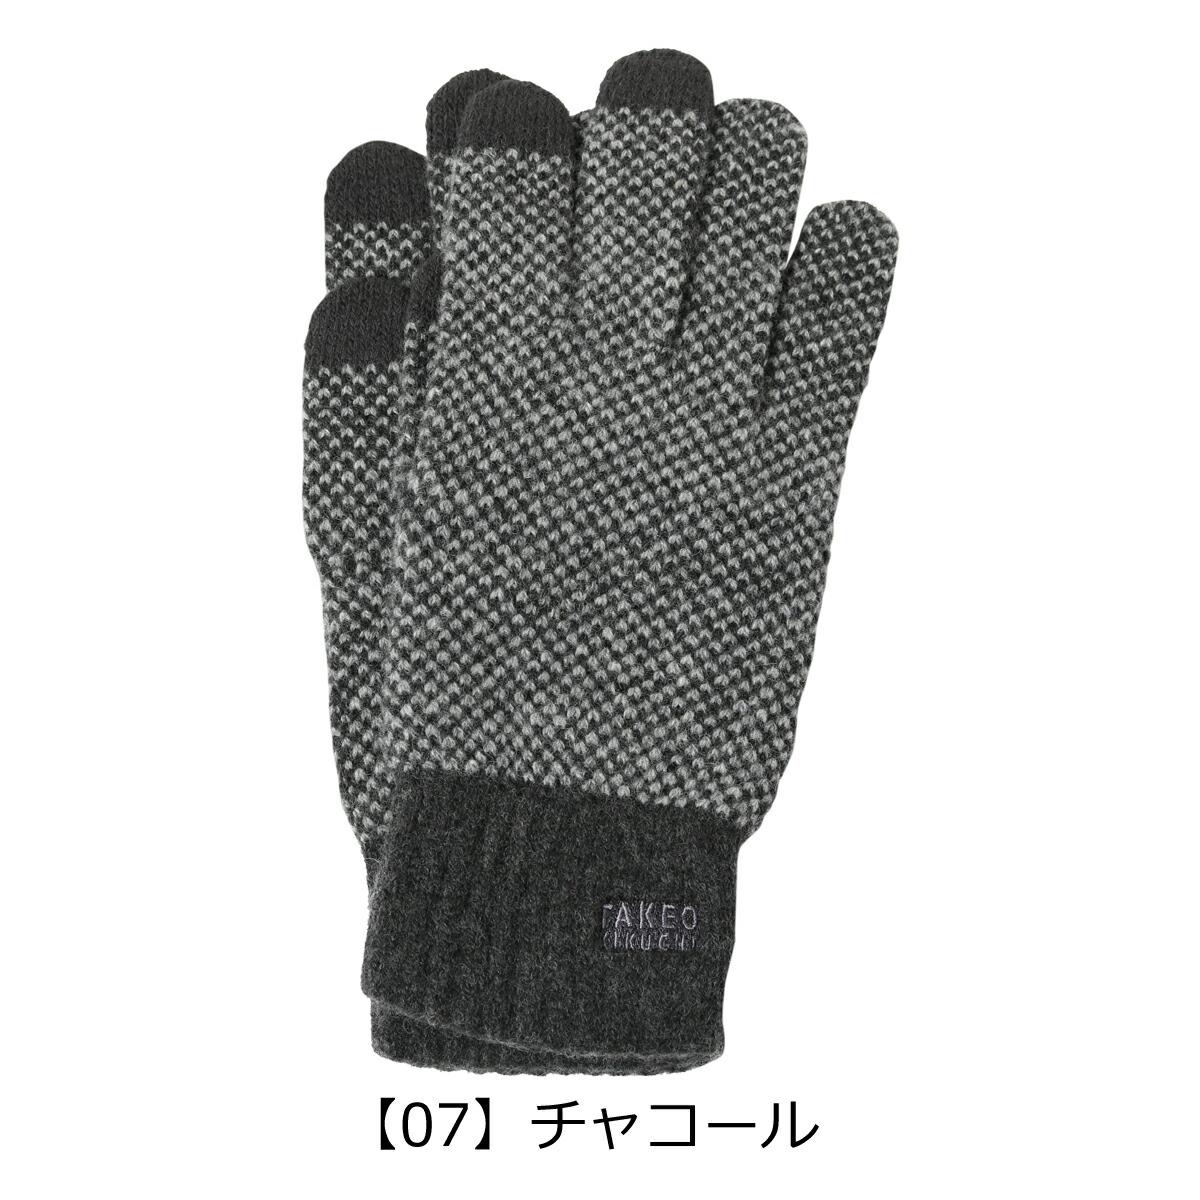 【07】チャコール